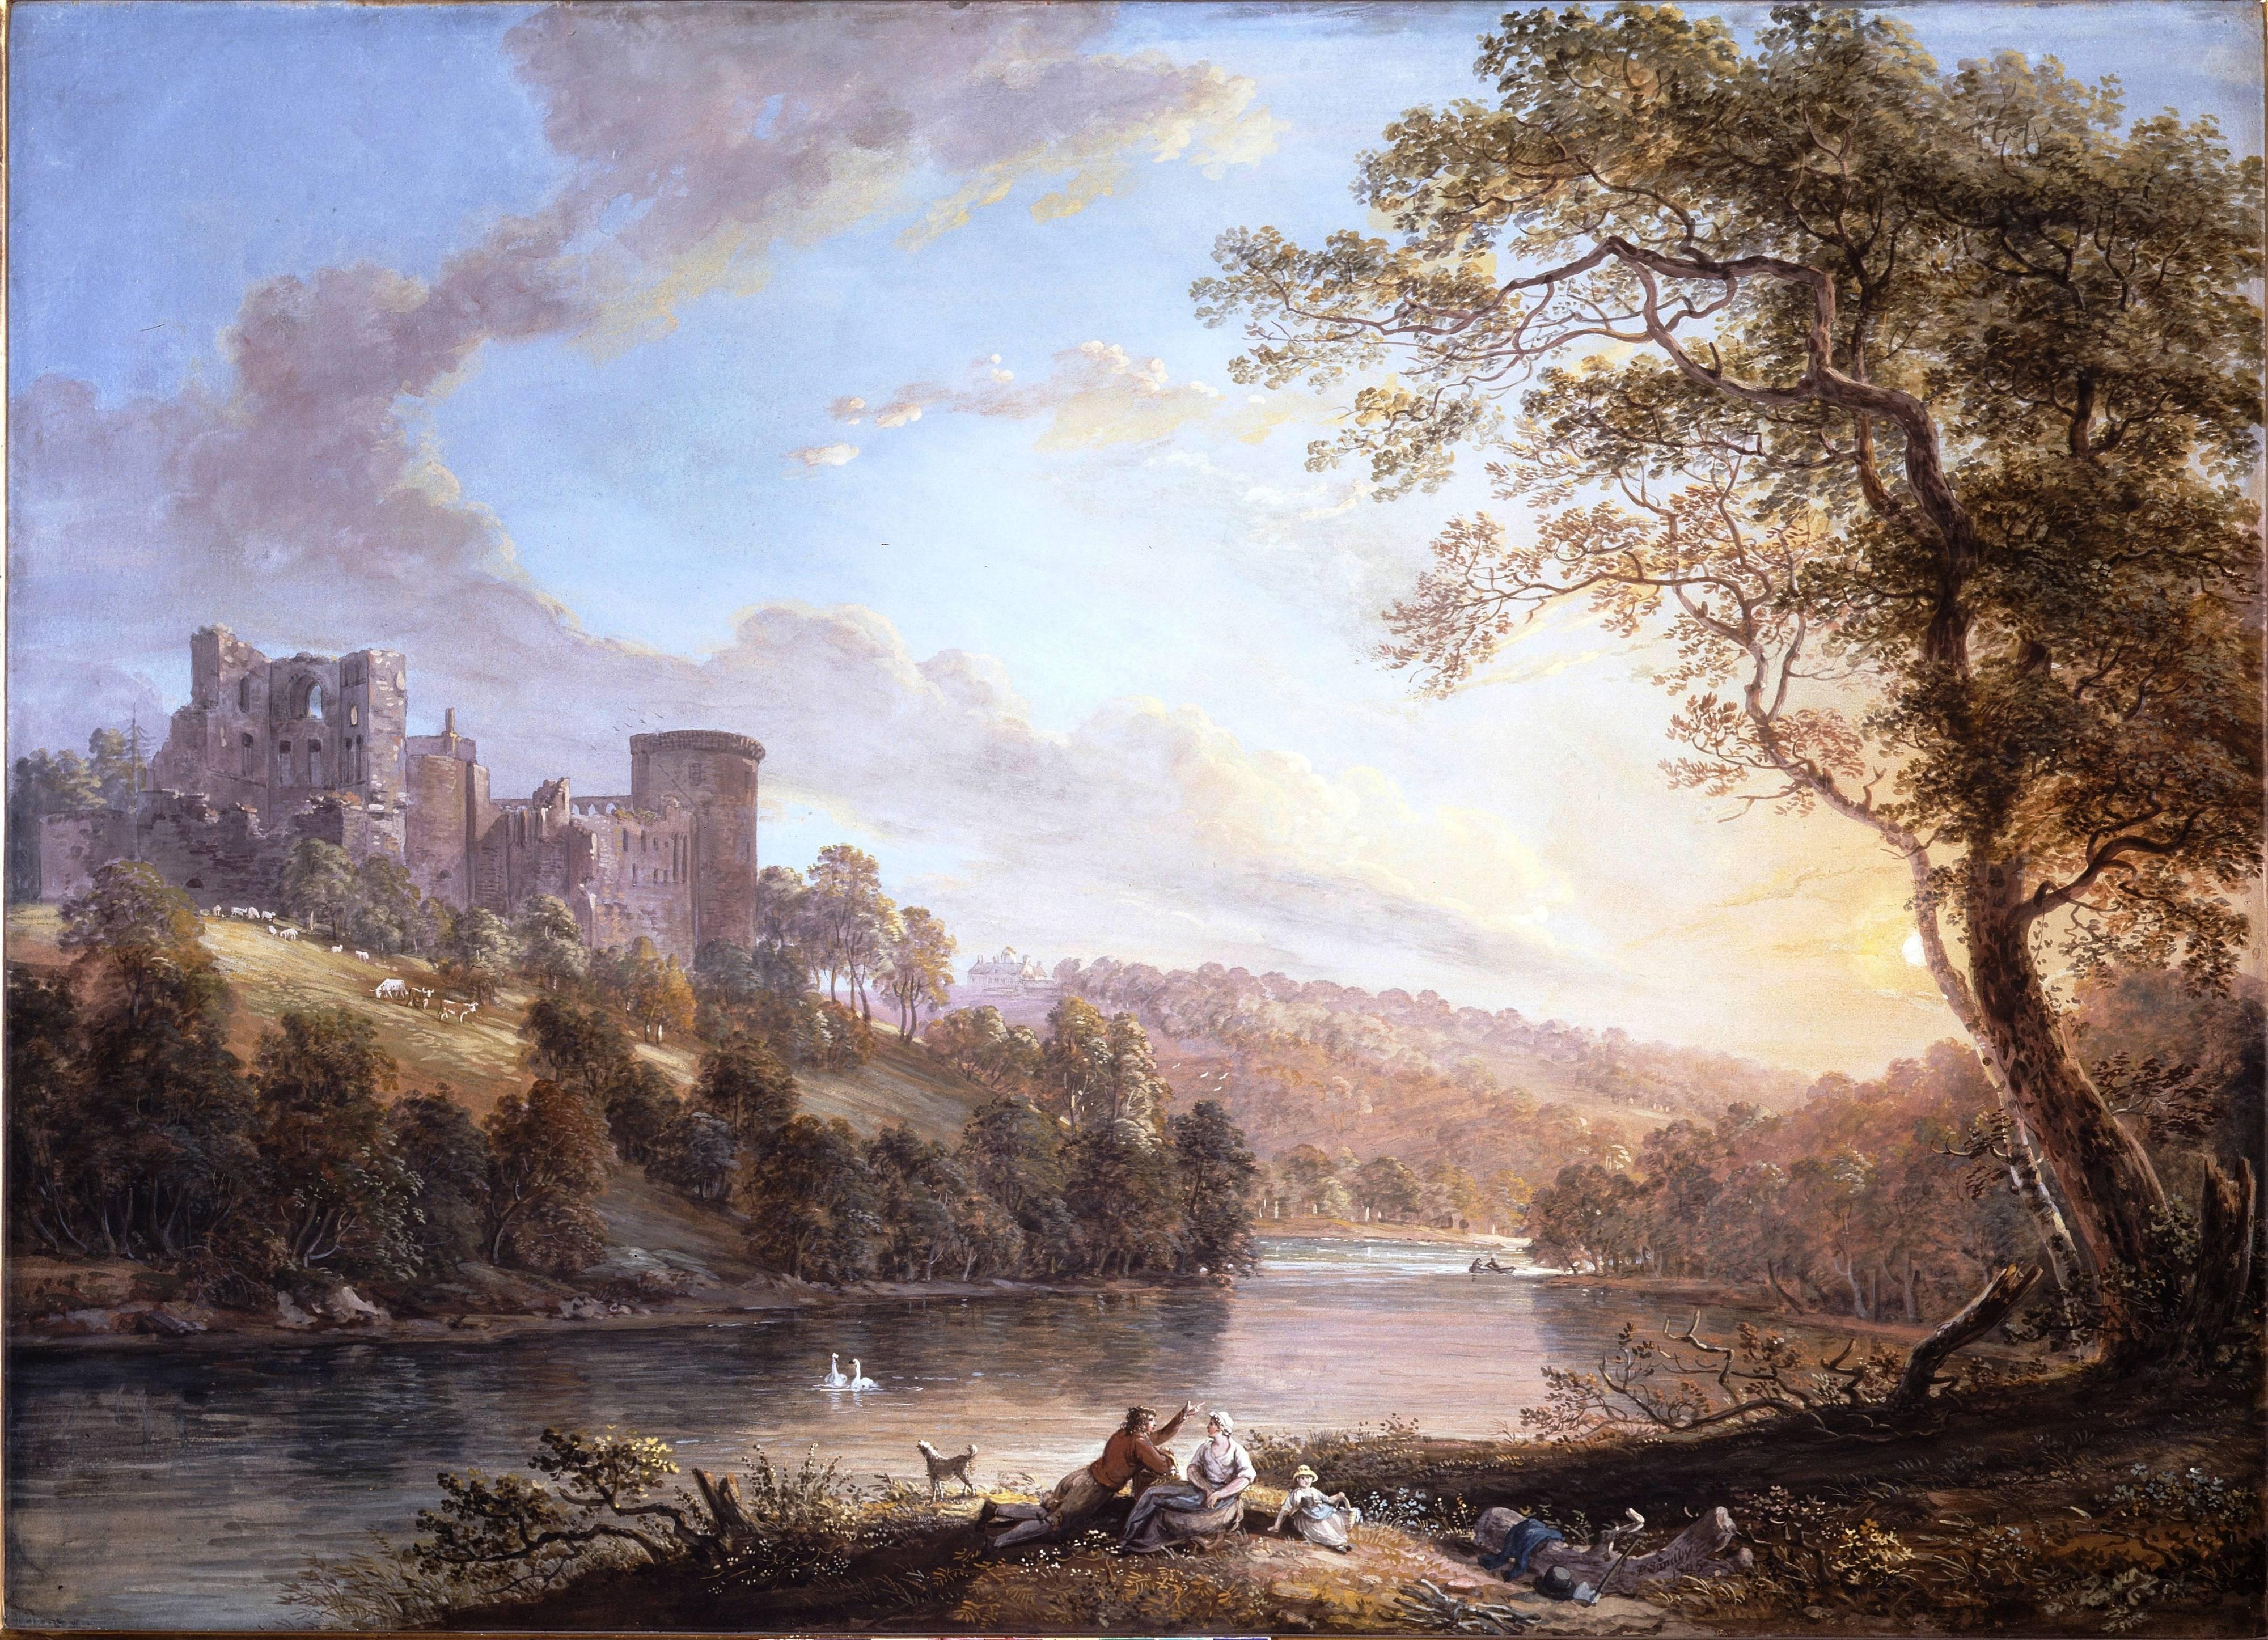 Замок Ботвелл, Шотландия, 1795 год. Художник Paul Sandby